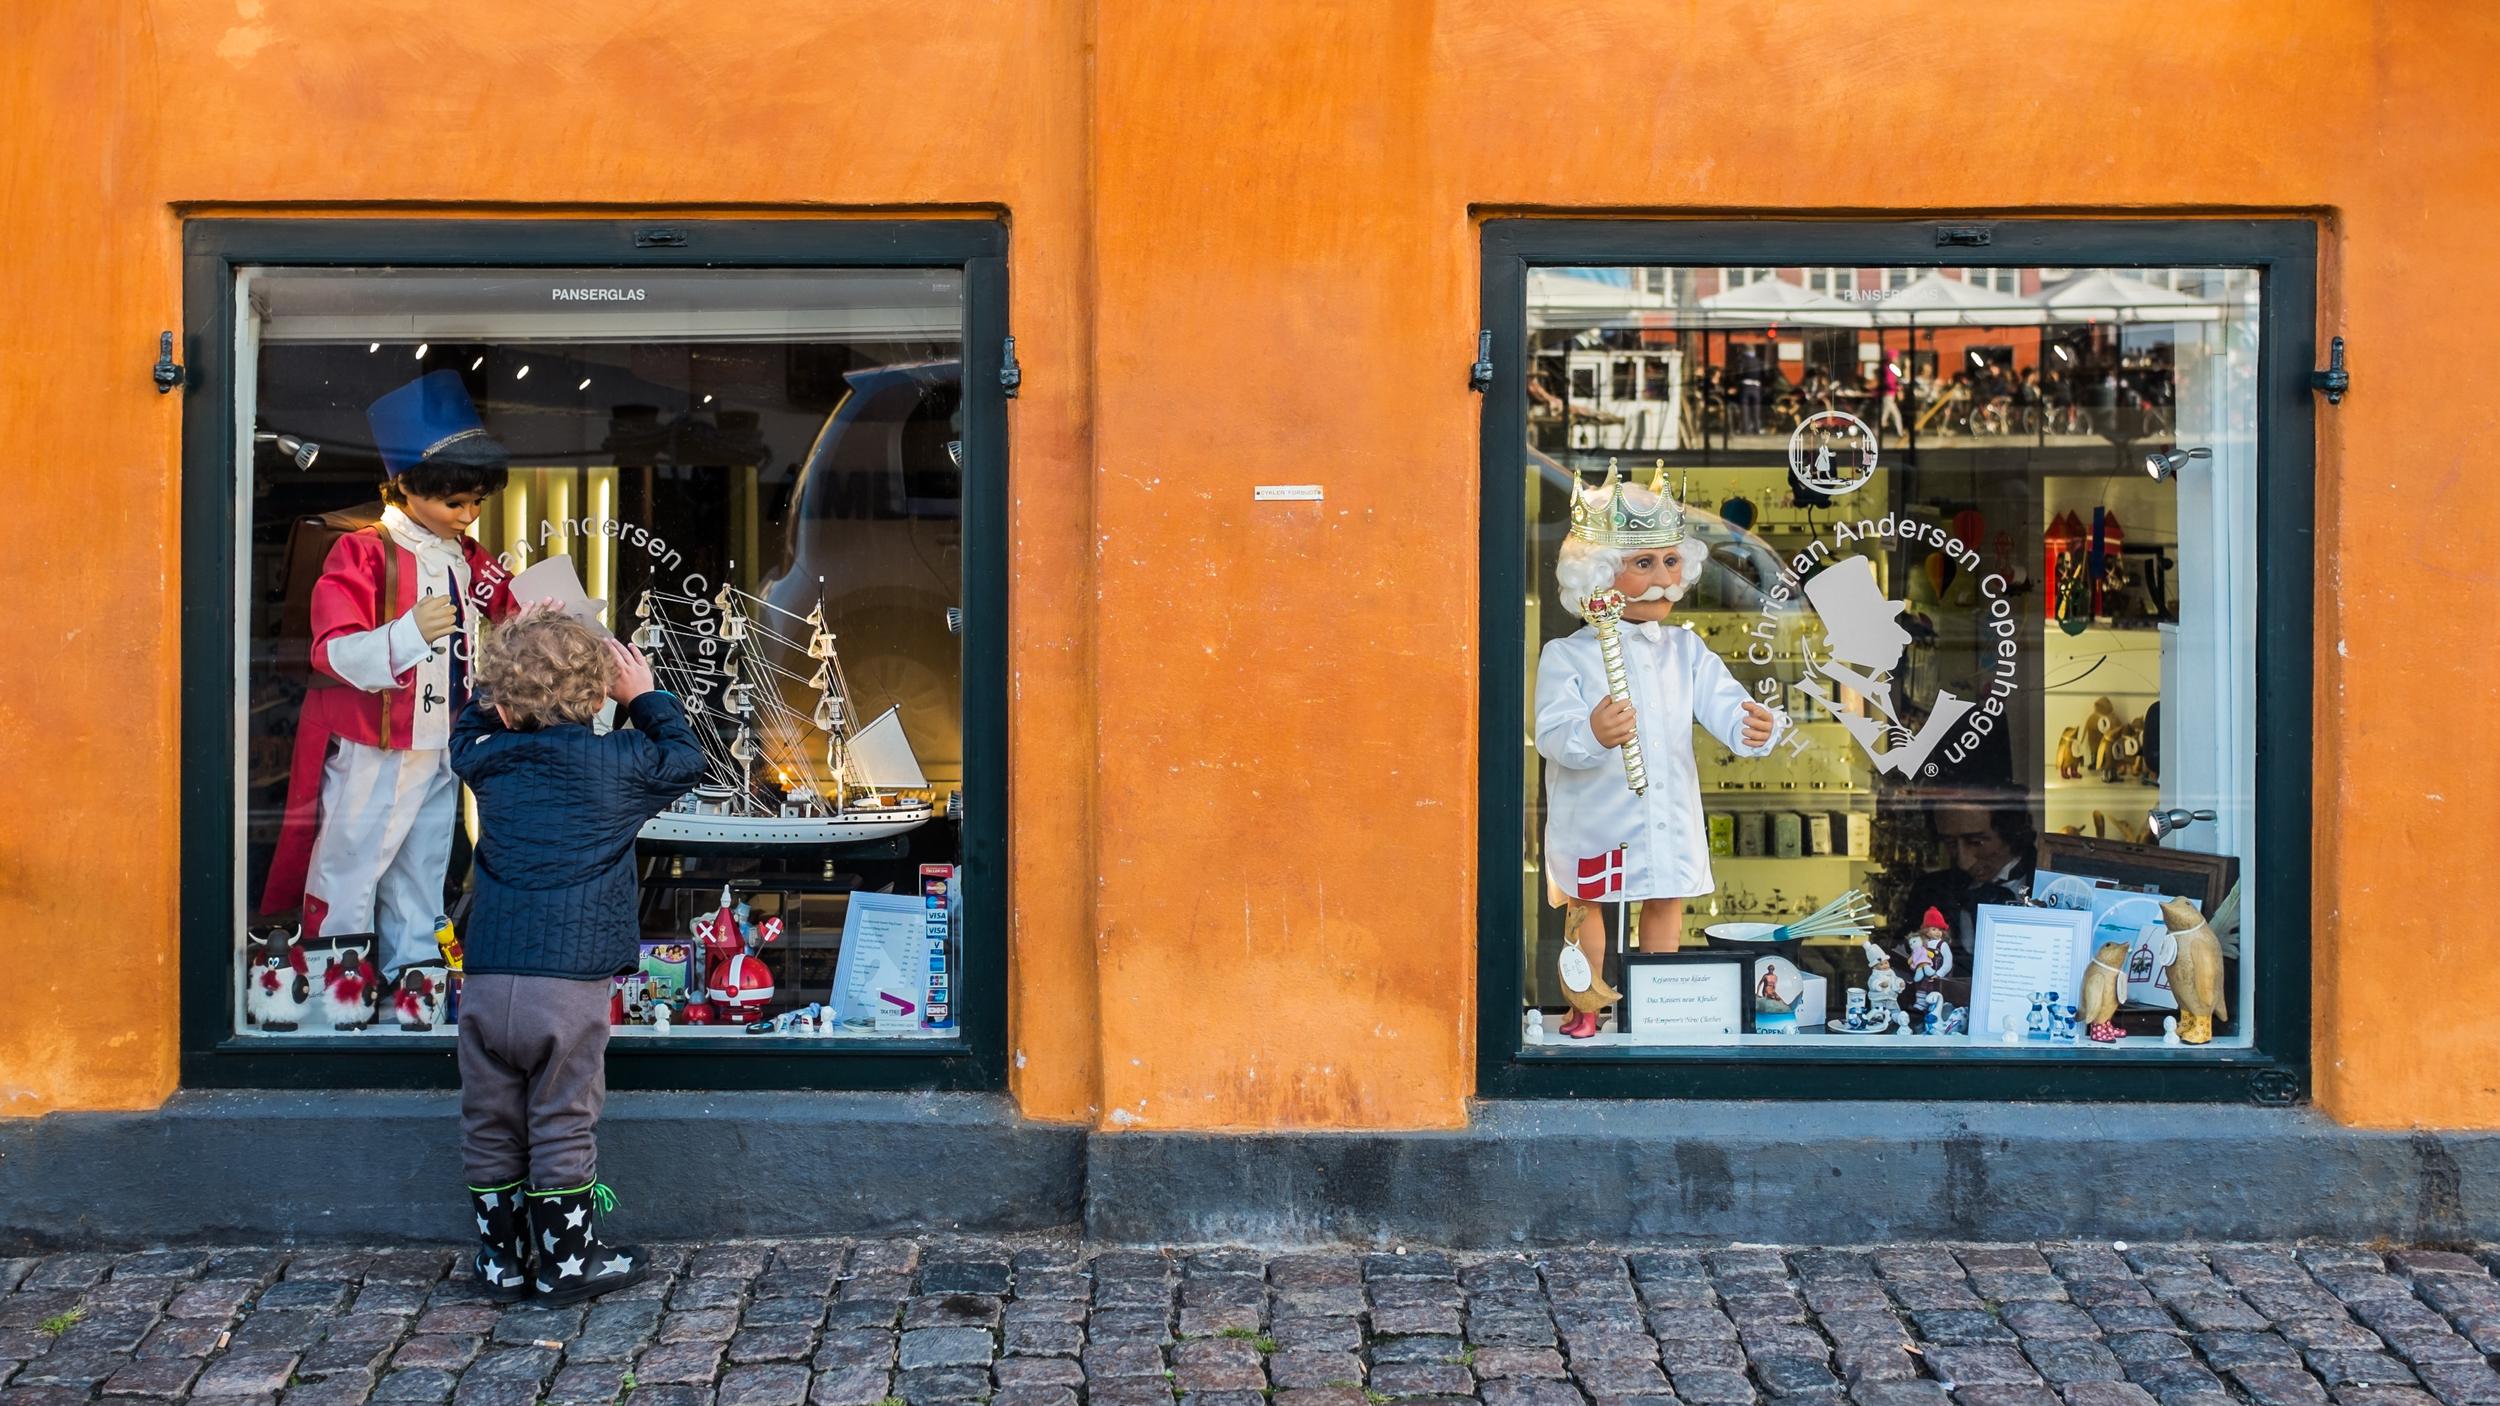 Hans Christian Andersen Copenhagen